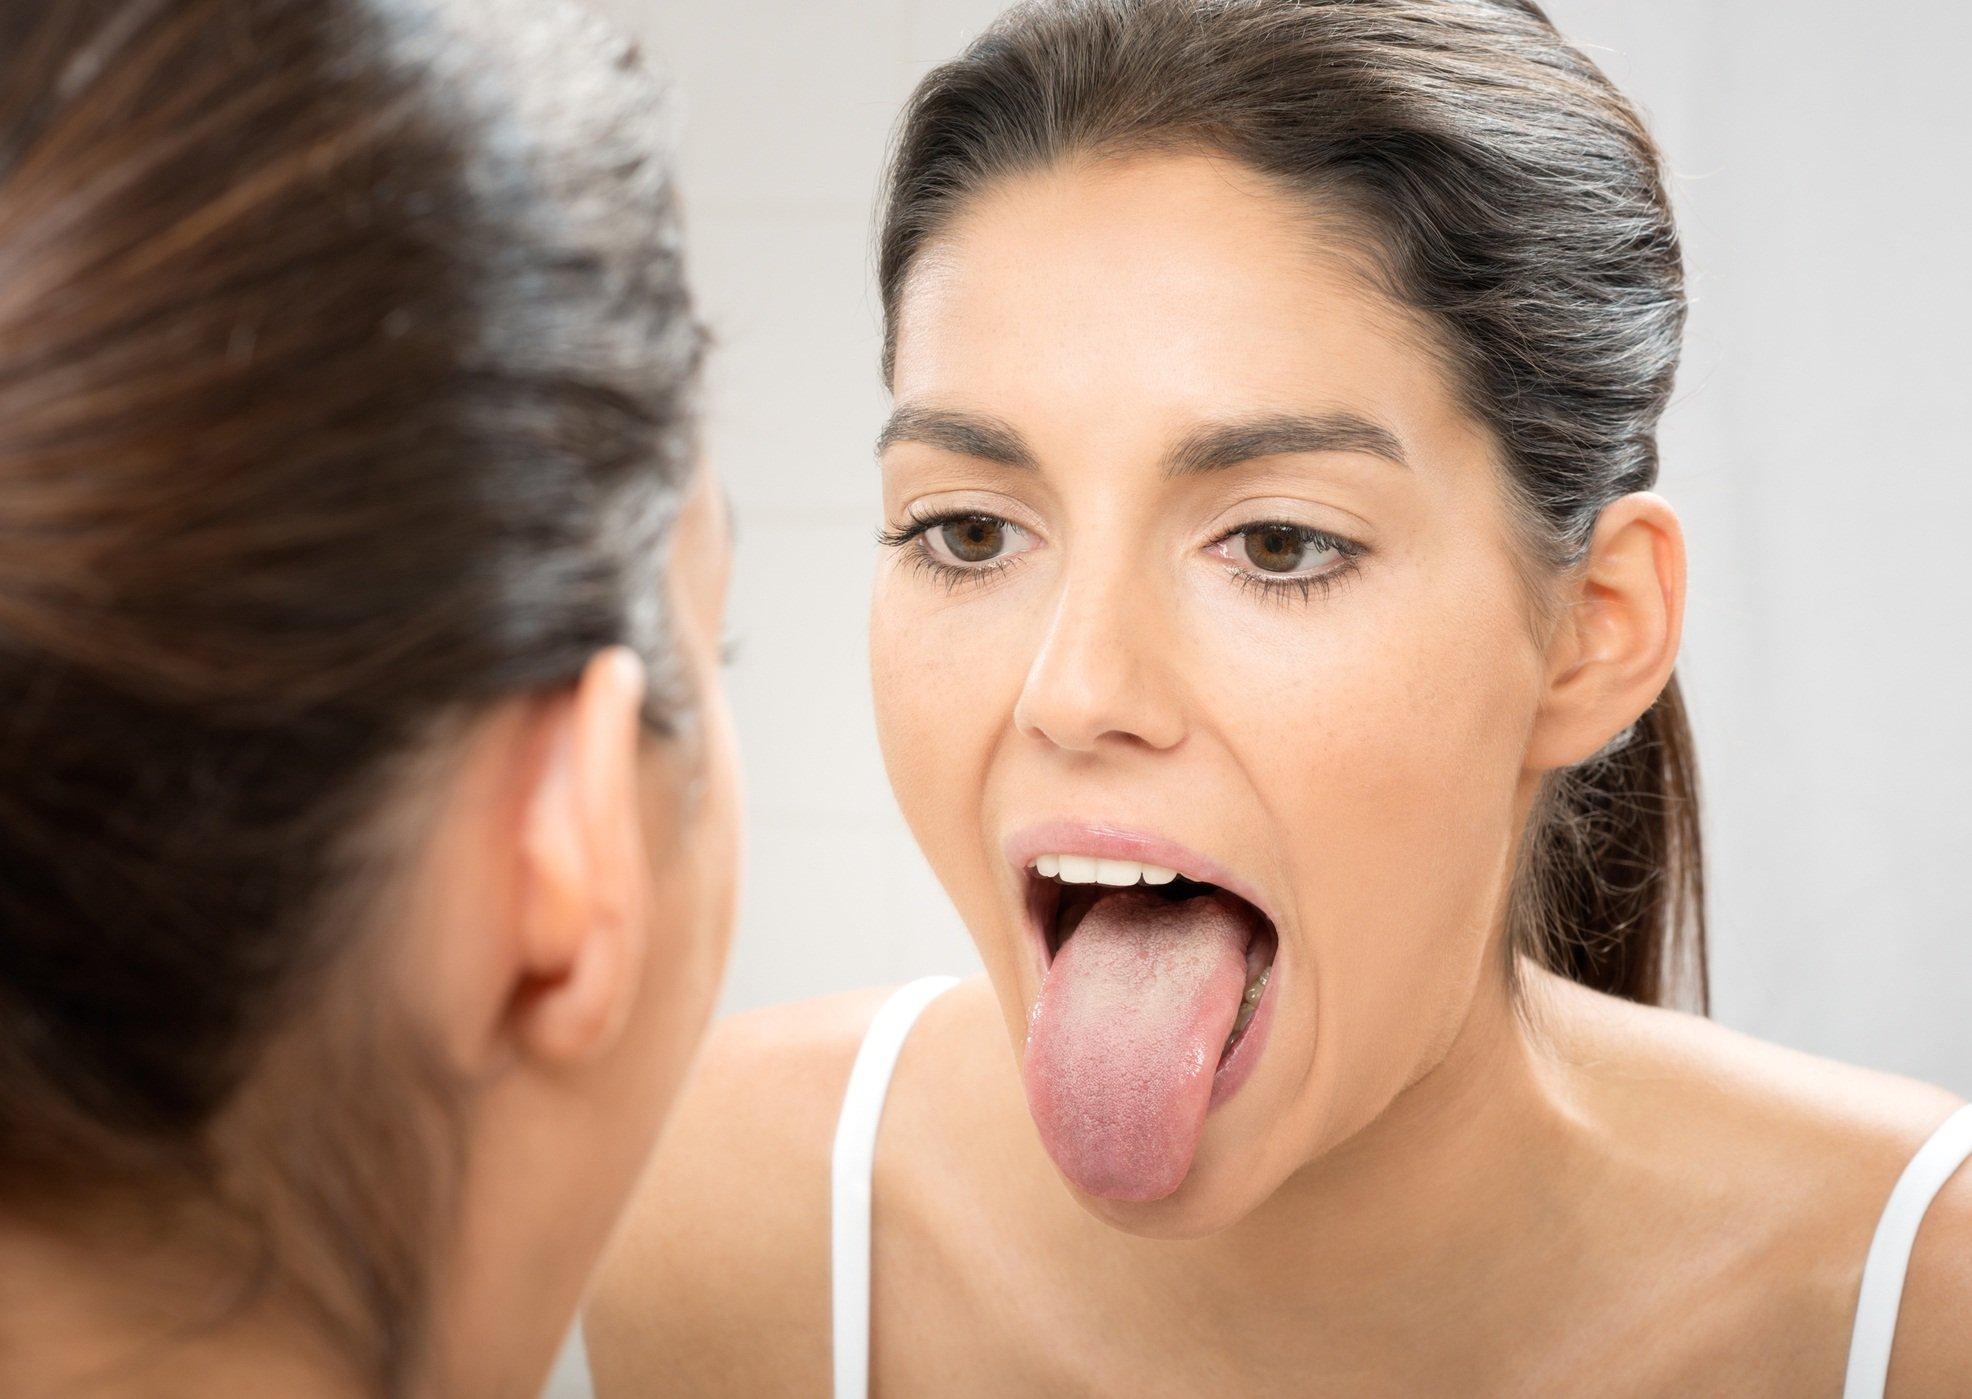 Миндалины во рту